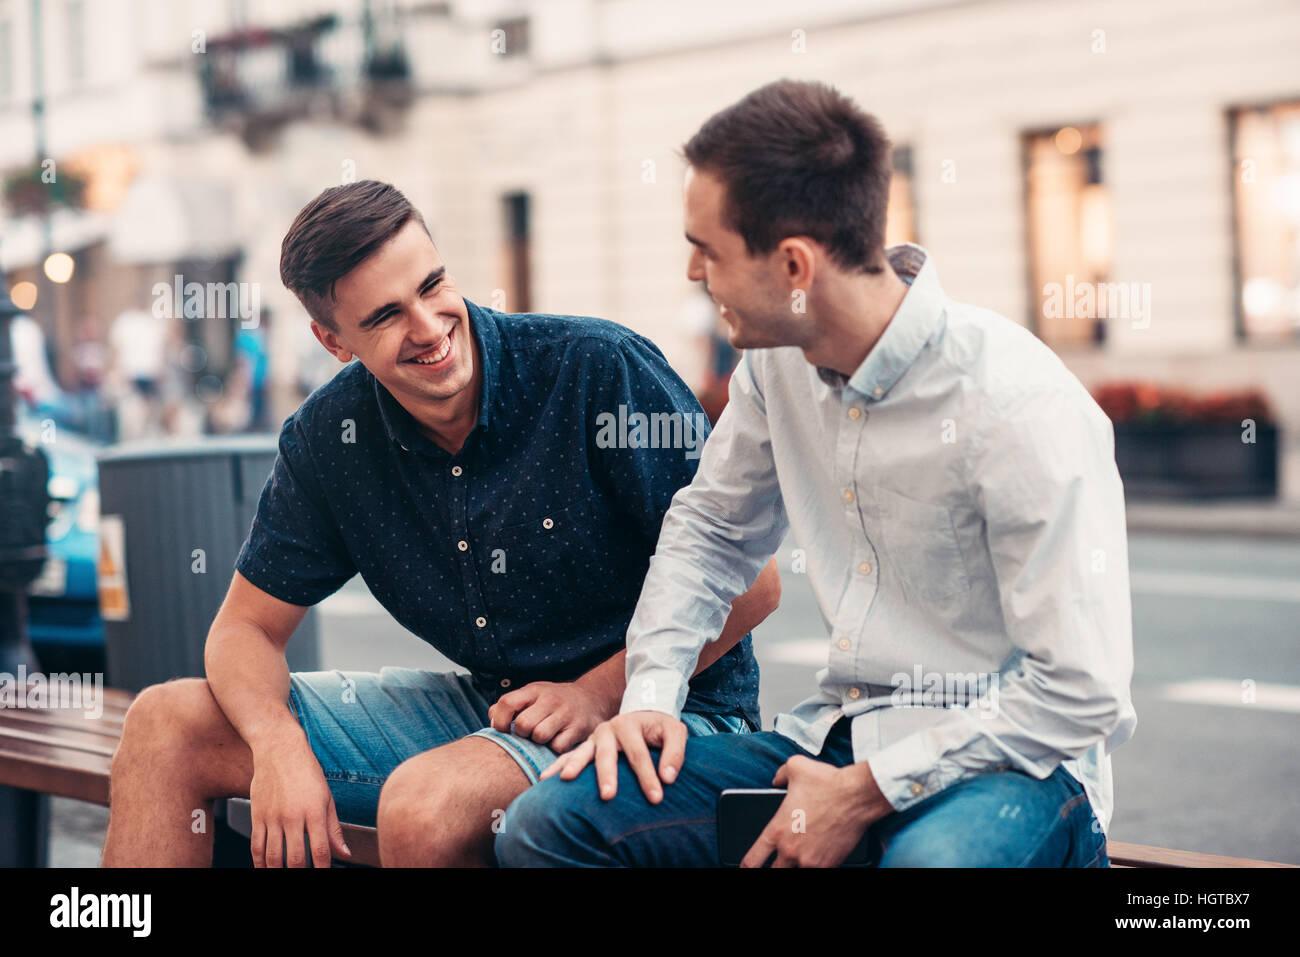 Freunde, die miteinander reden, auf einer Bank in der Stadt Stockbild